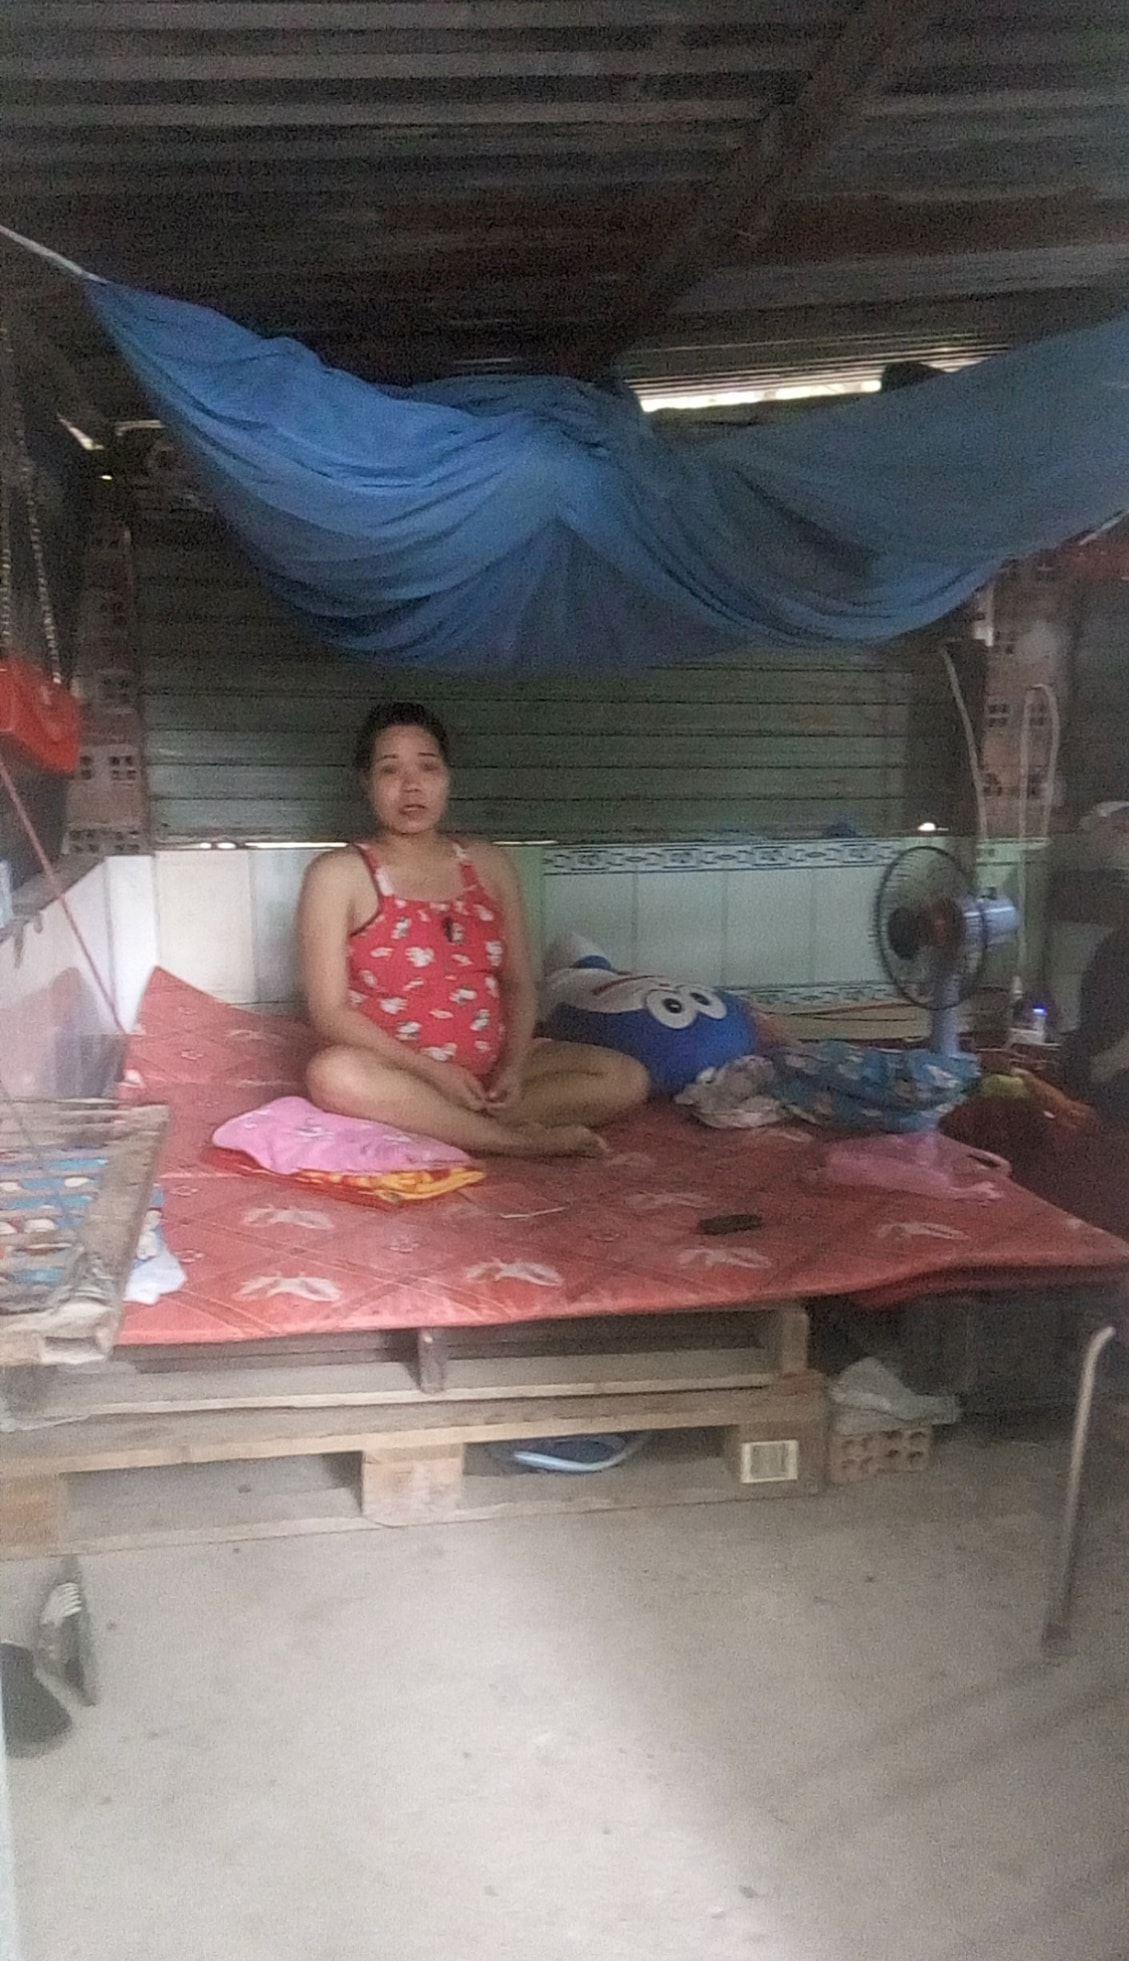 Phẫn nộ người chồng 'cuỗm' sạch tiền sinh con của vợ rồi bỏ trốn, vợ chuyển dạ không có tiền vào bệnh viện 1